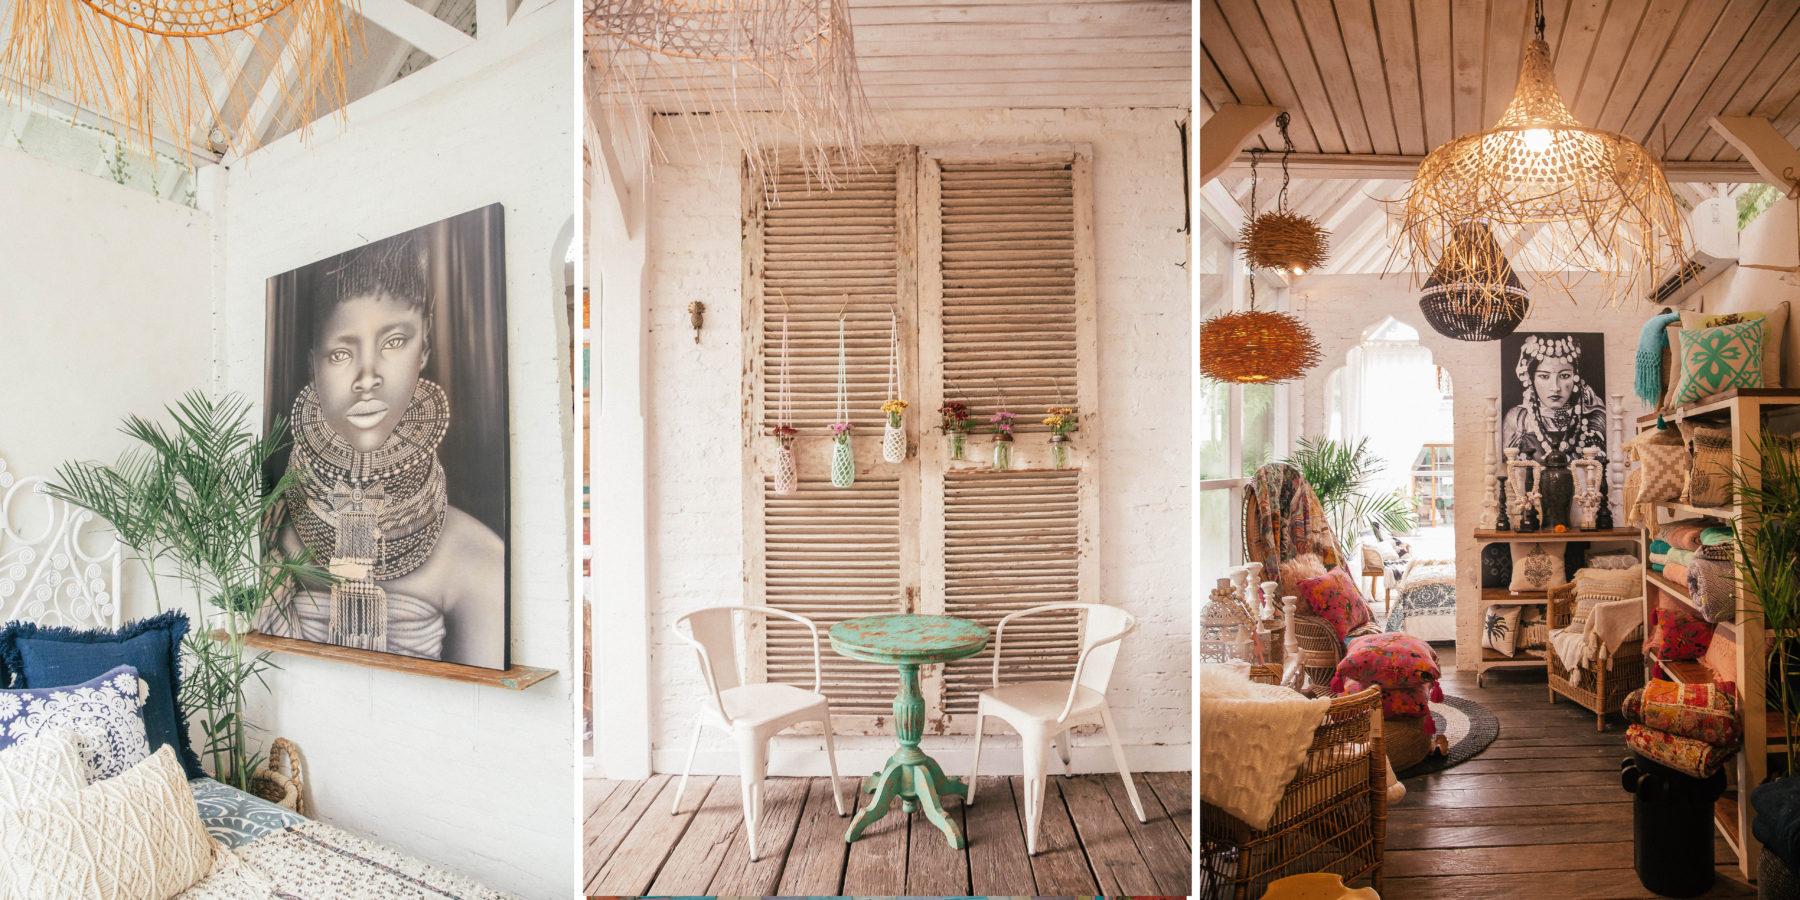 amazing interior design boho bali cafe home decor indonesia